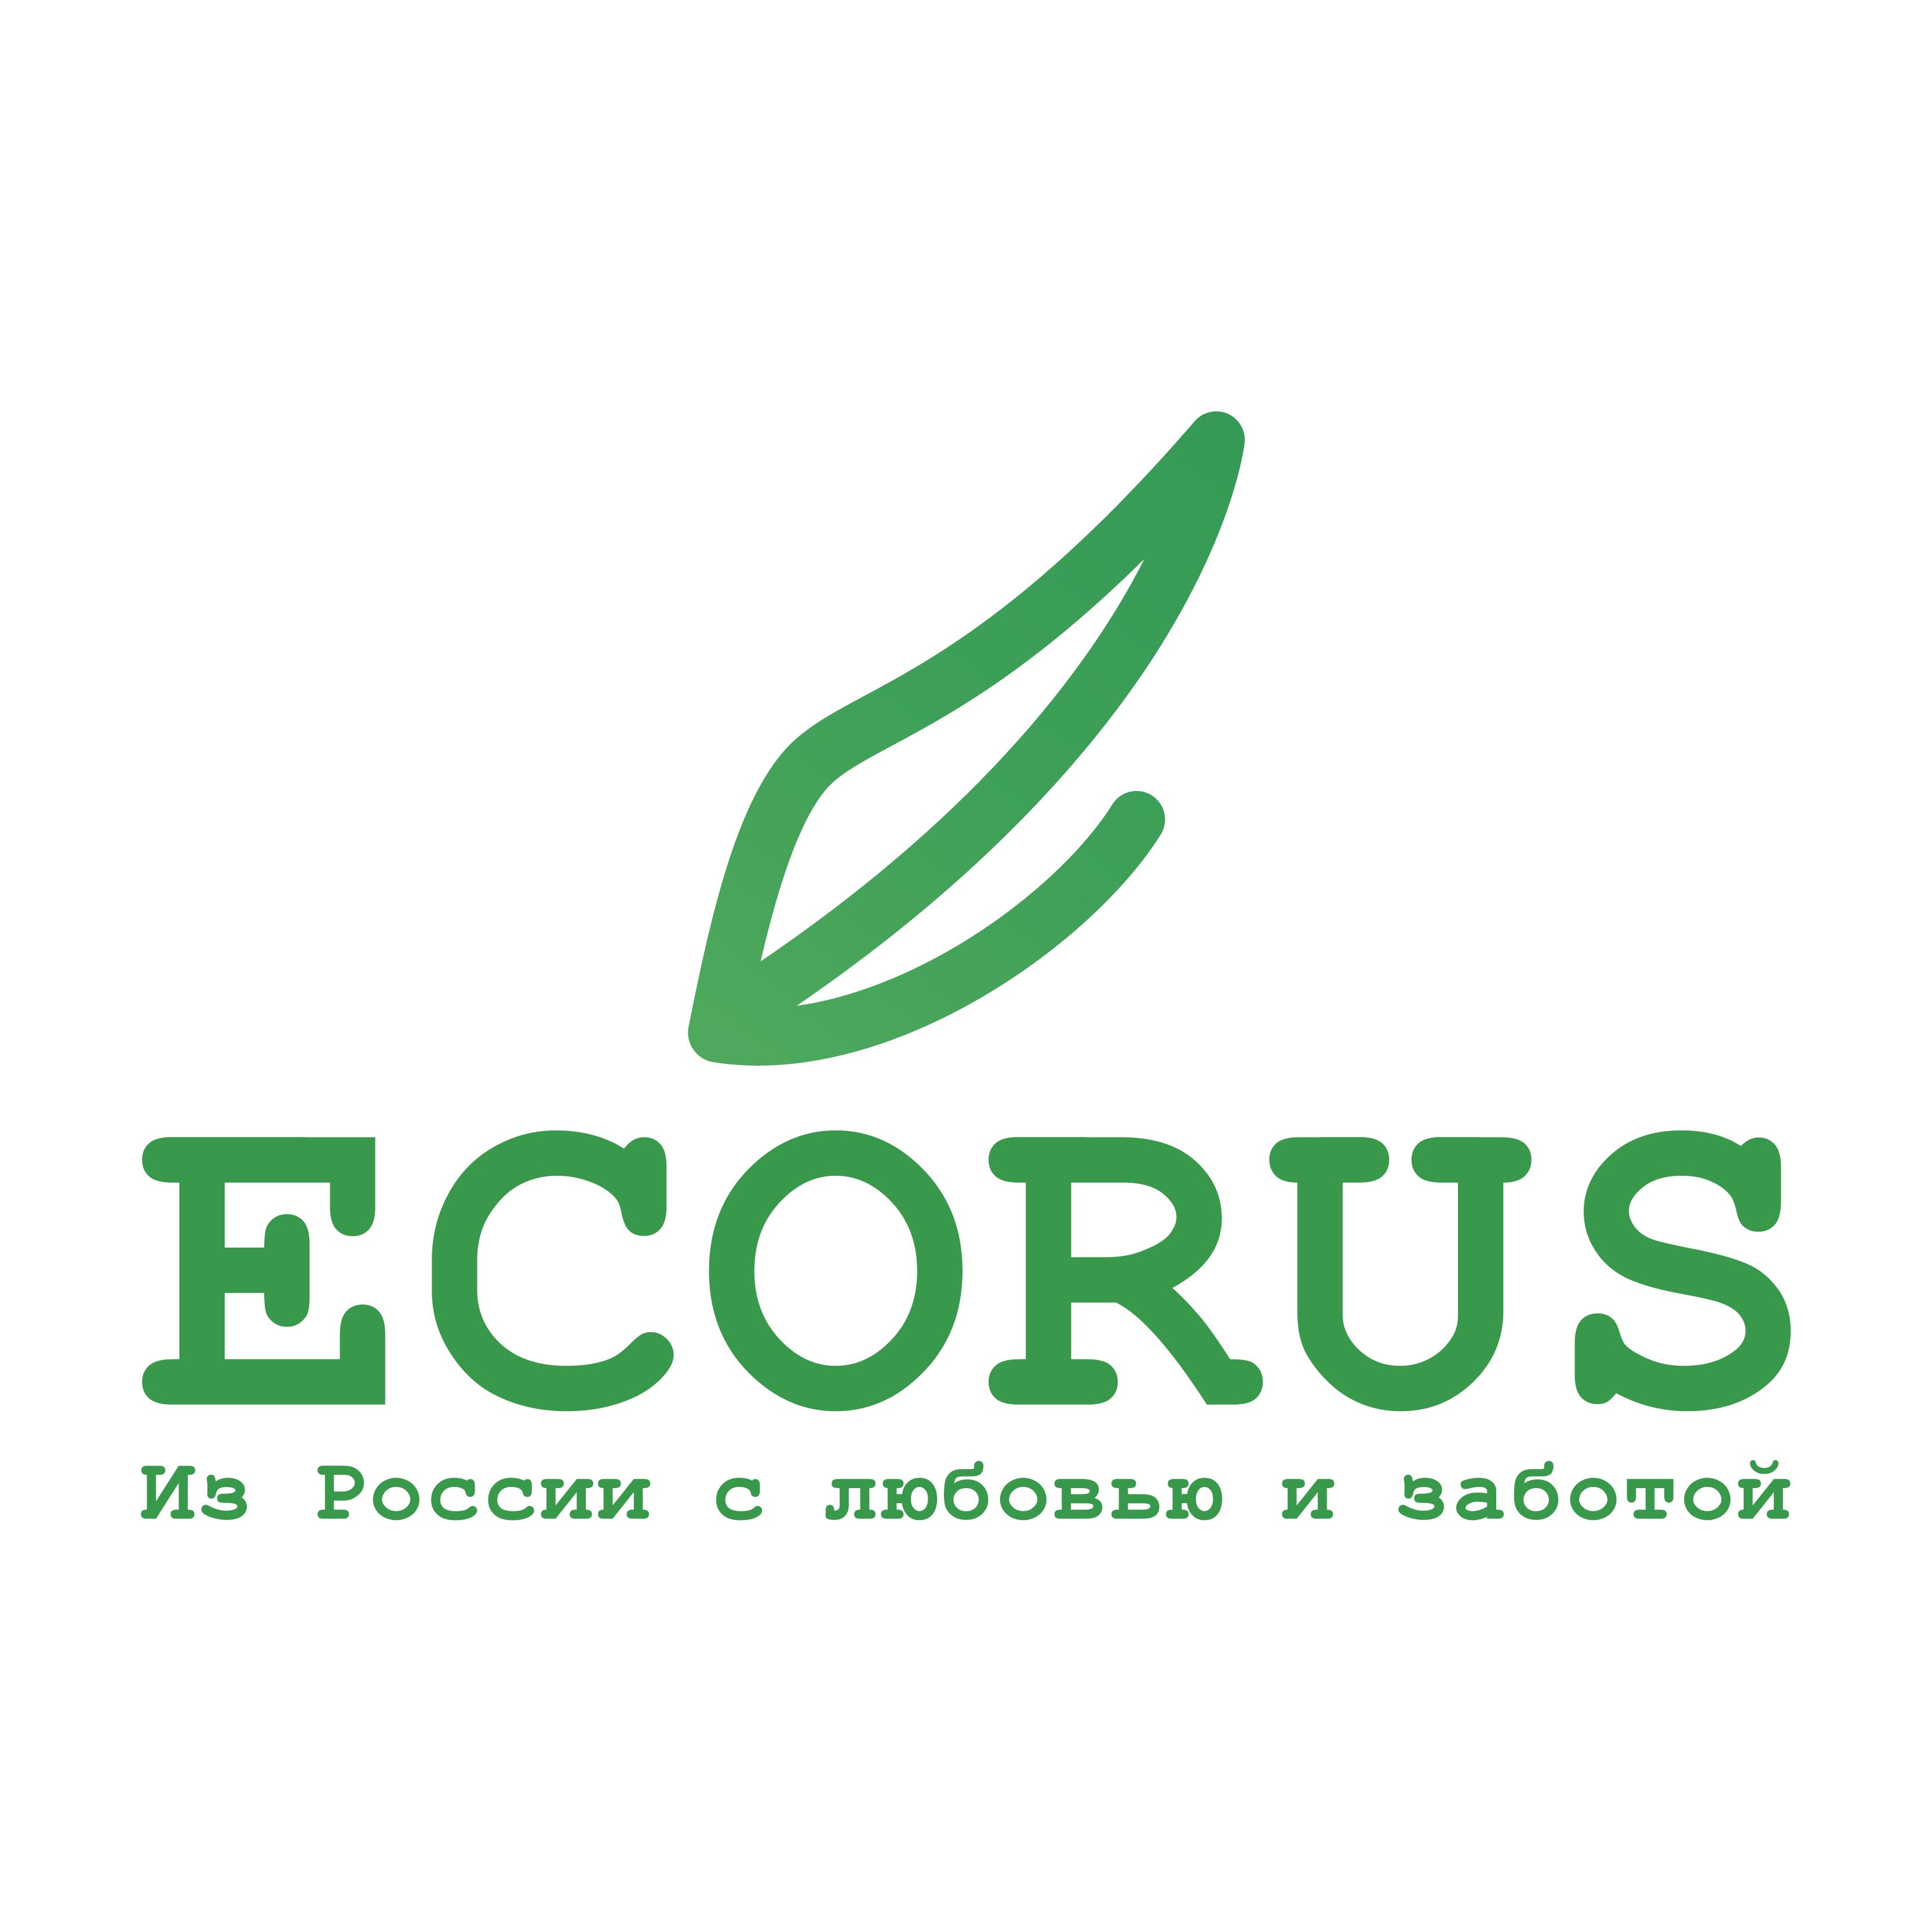 Логотип для поставщика продуктов питания из России в Китай фото f_7705ea96fae29392.png